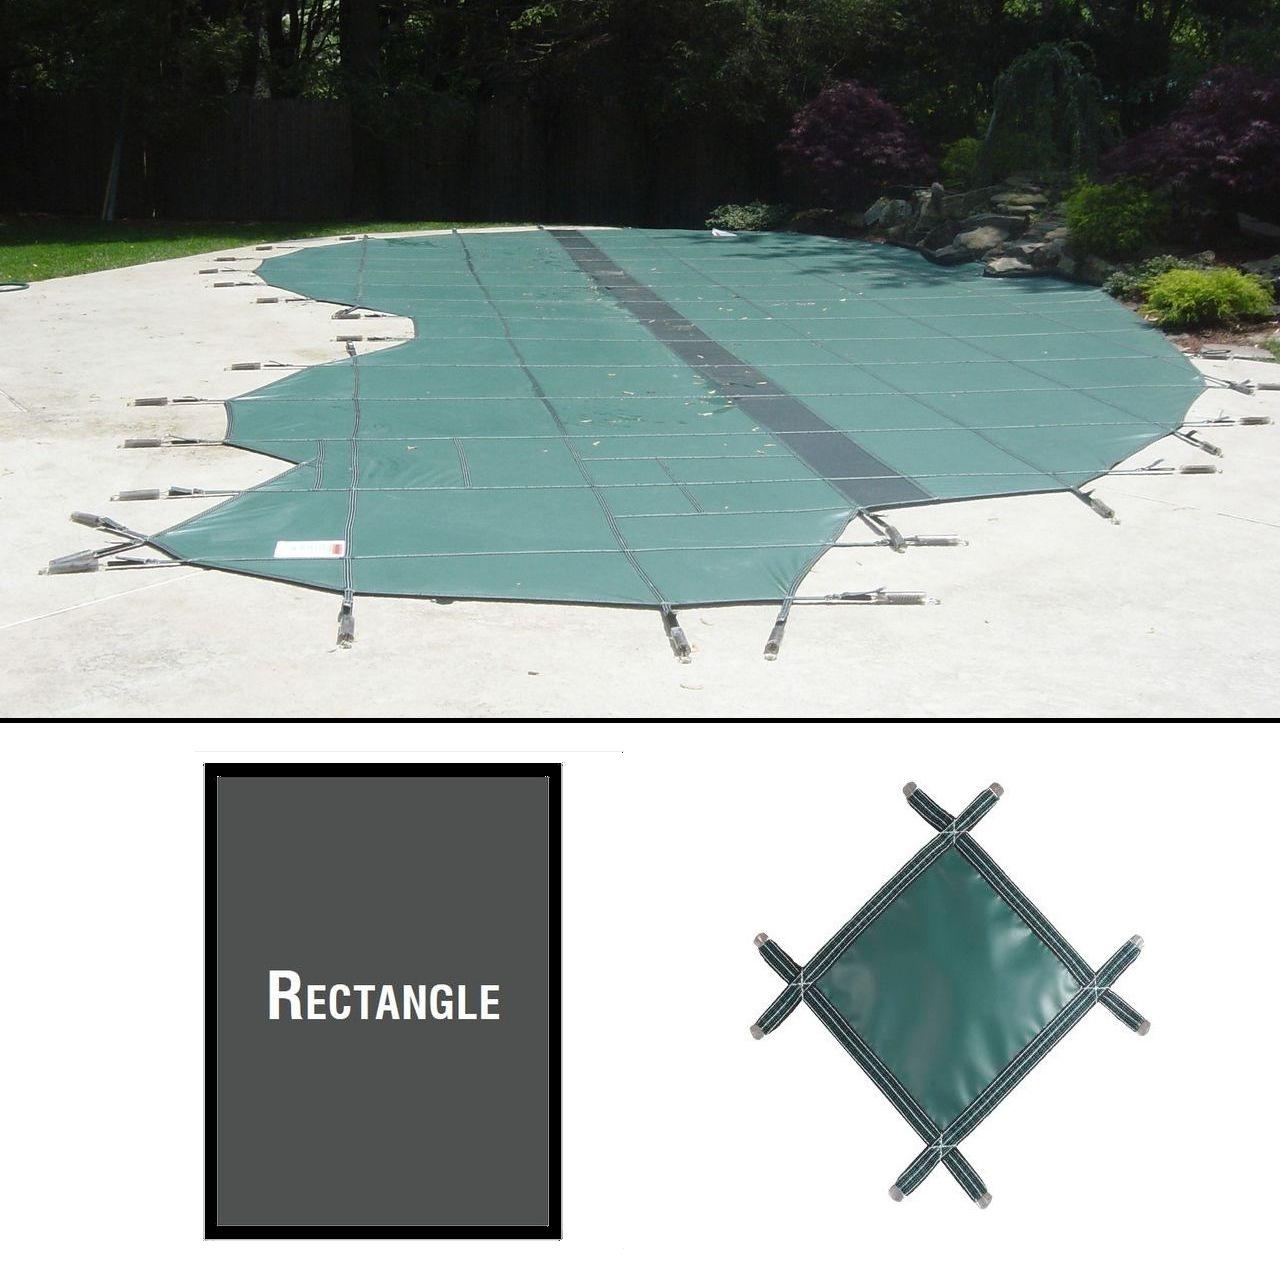 PermaGuard 22'x43' Rectangular Pool Cover